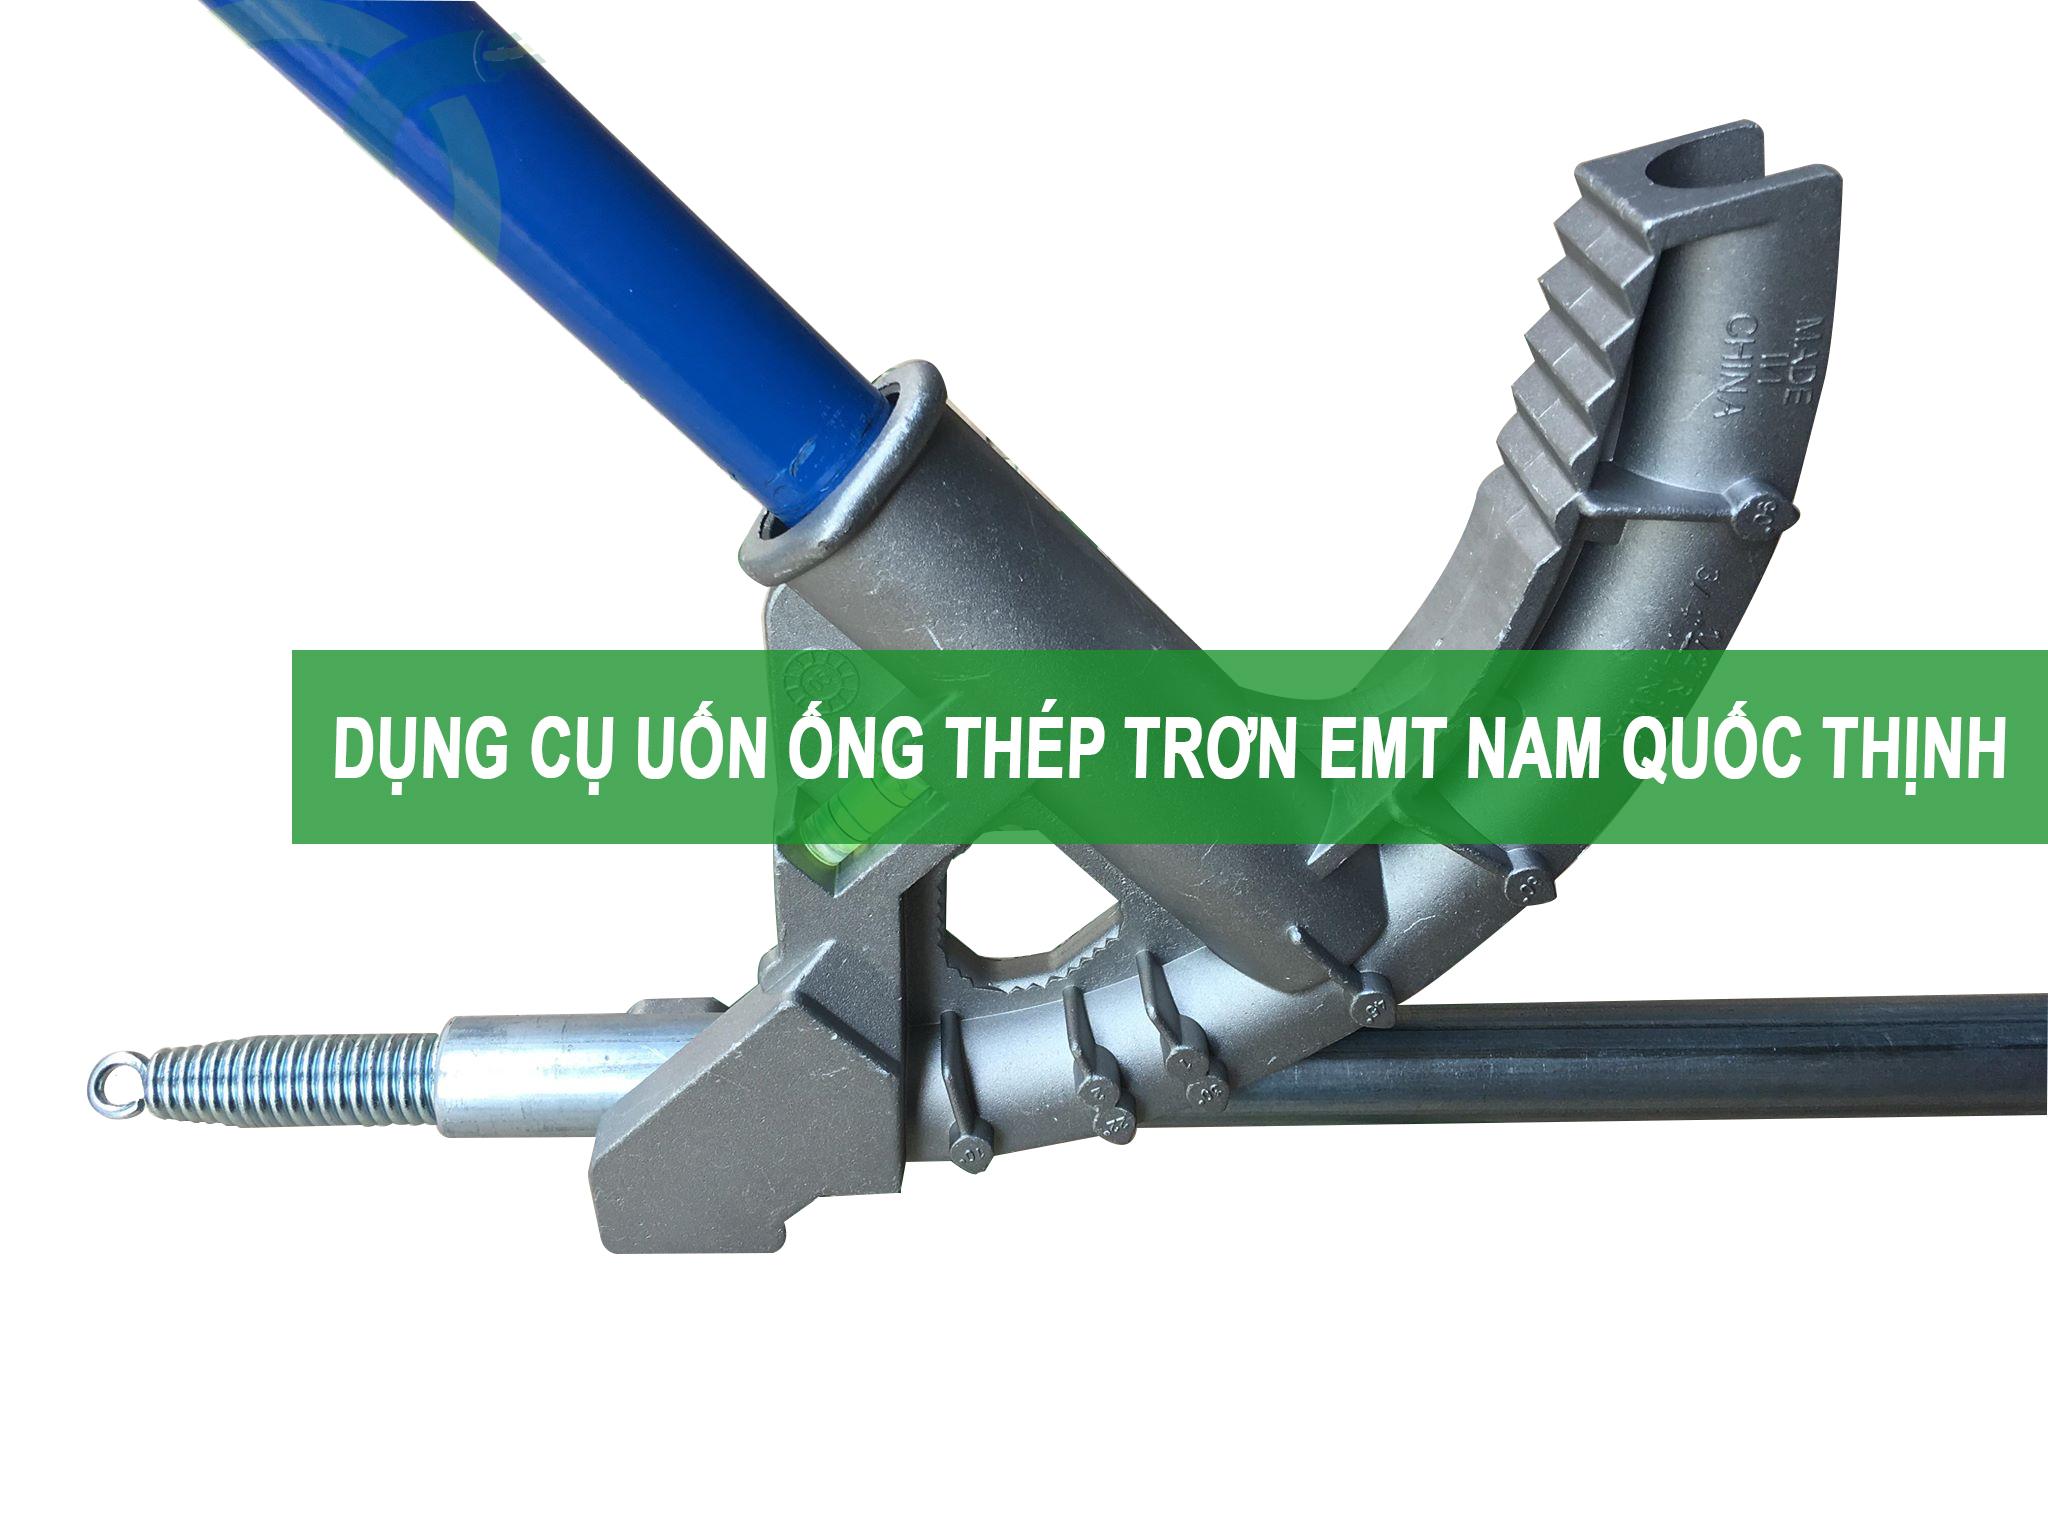 Dụng cụ bẻ ống thép trơn EMT 3/4 inch